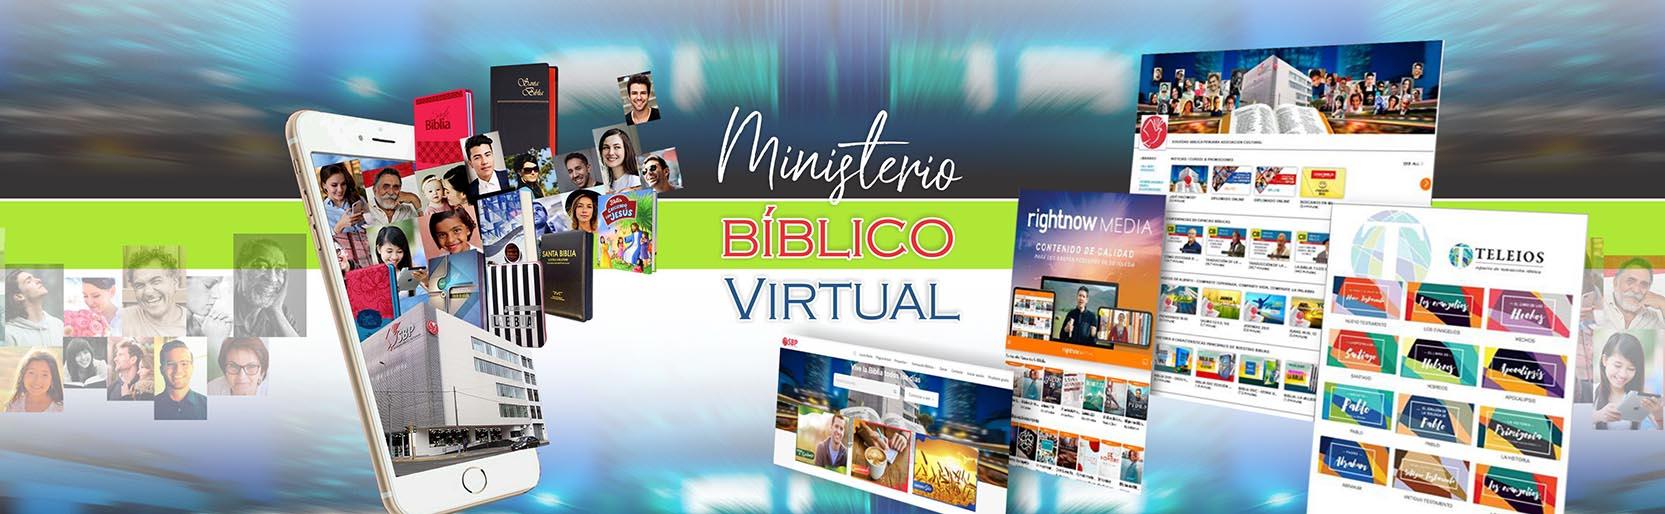 <!-- Ministerio BIBLIco Virtual -->